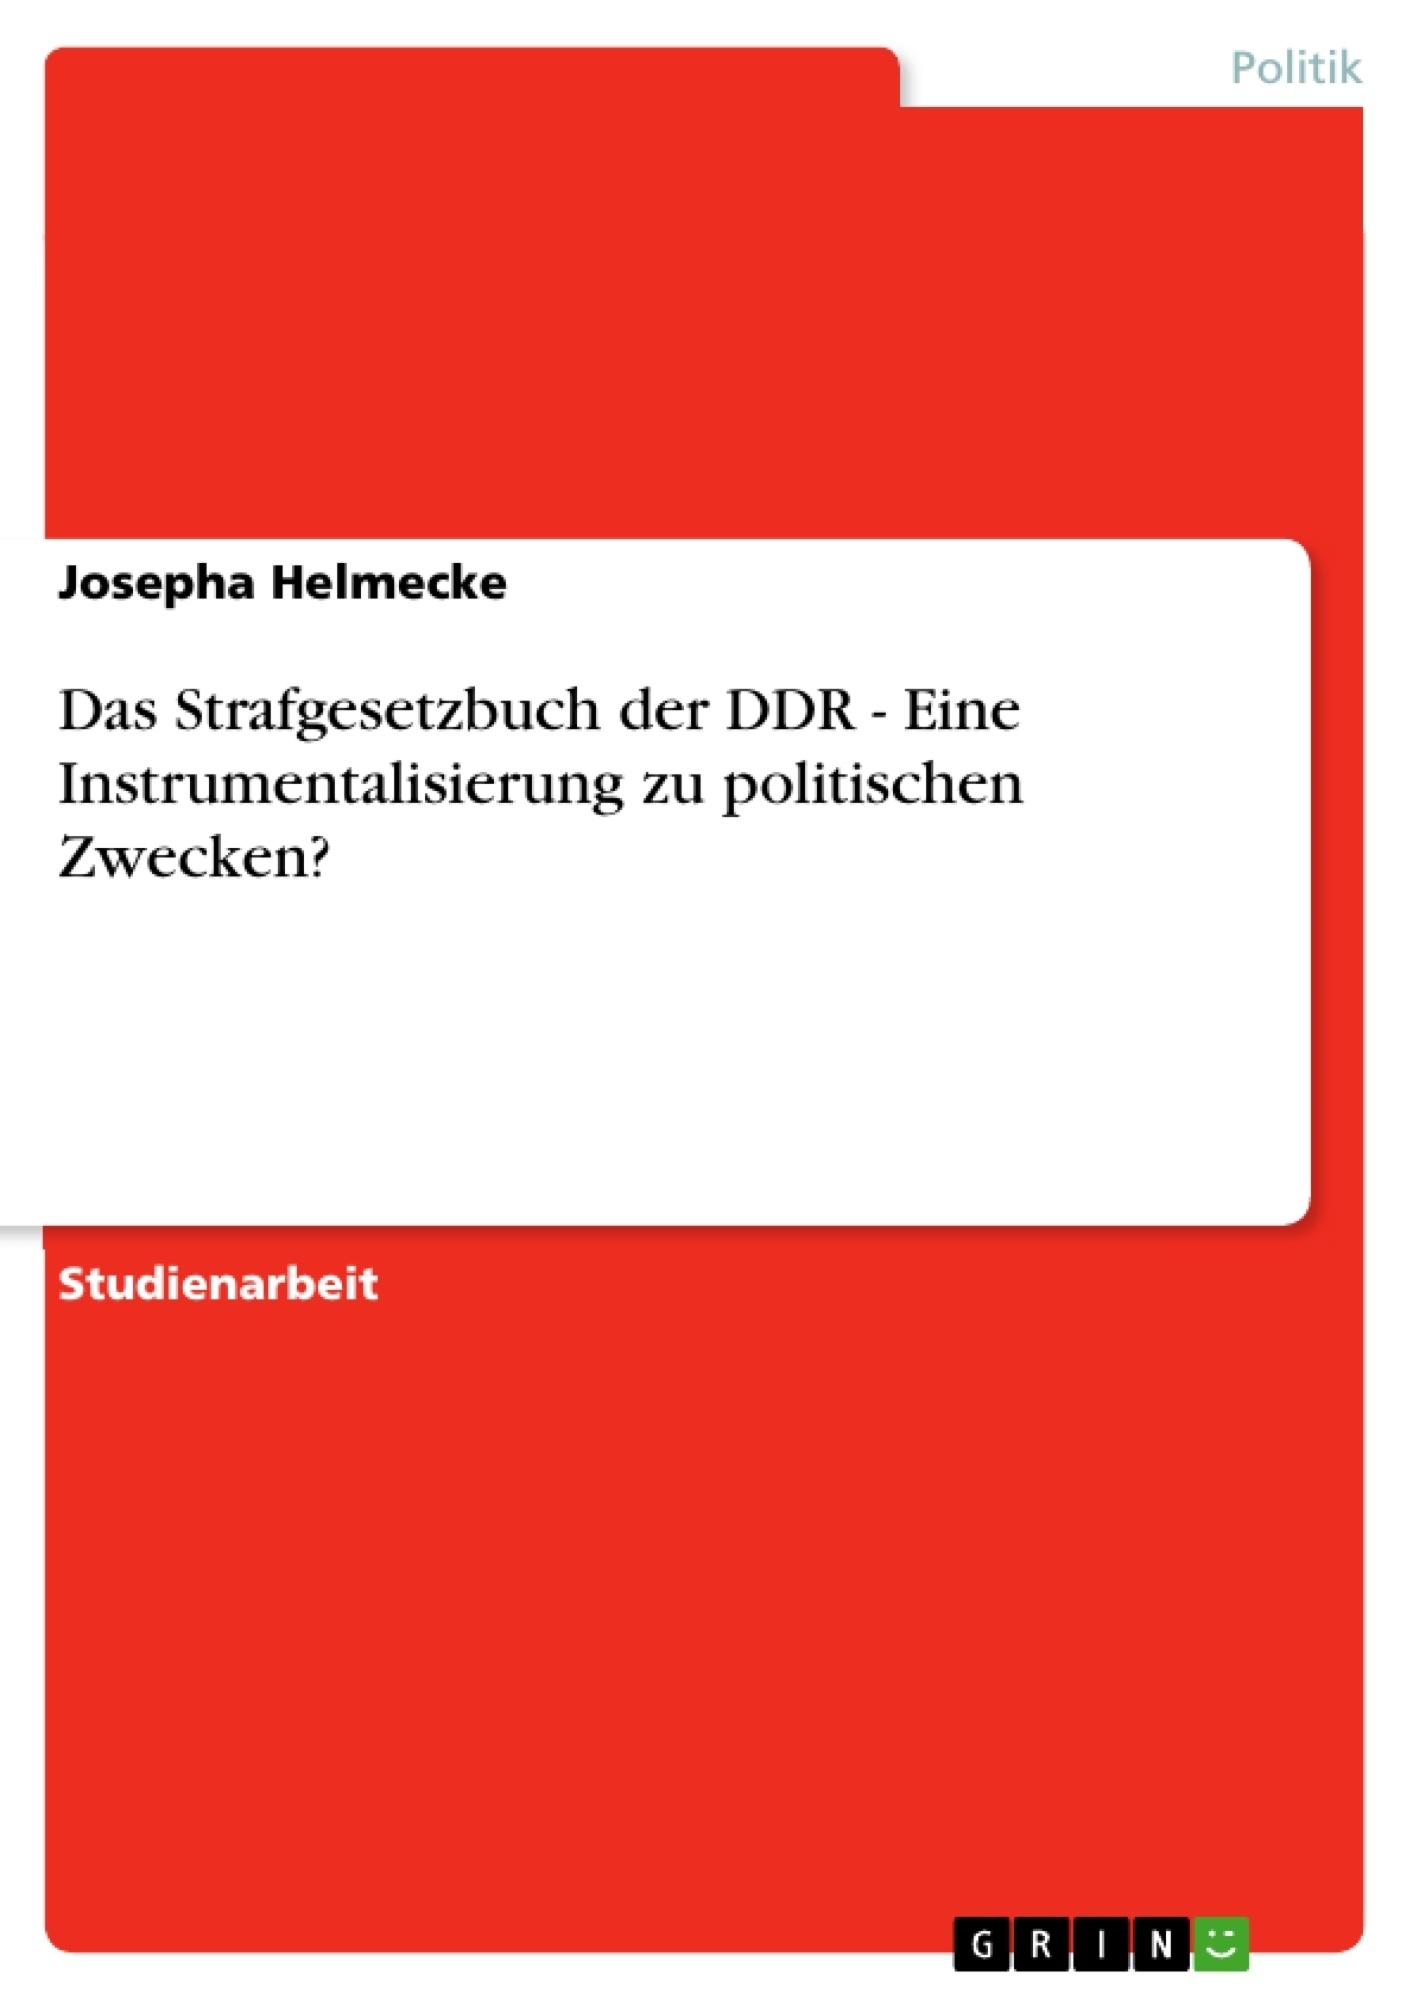 Titel: Das Strafgesetzbuch der DDR - Eine Instrumentalisierung zu politischen Zwecken?